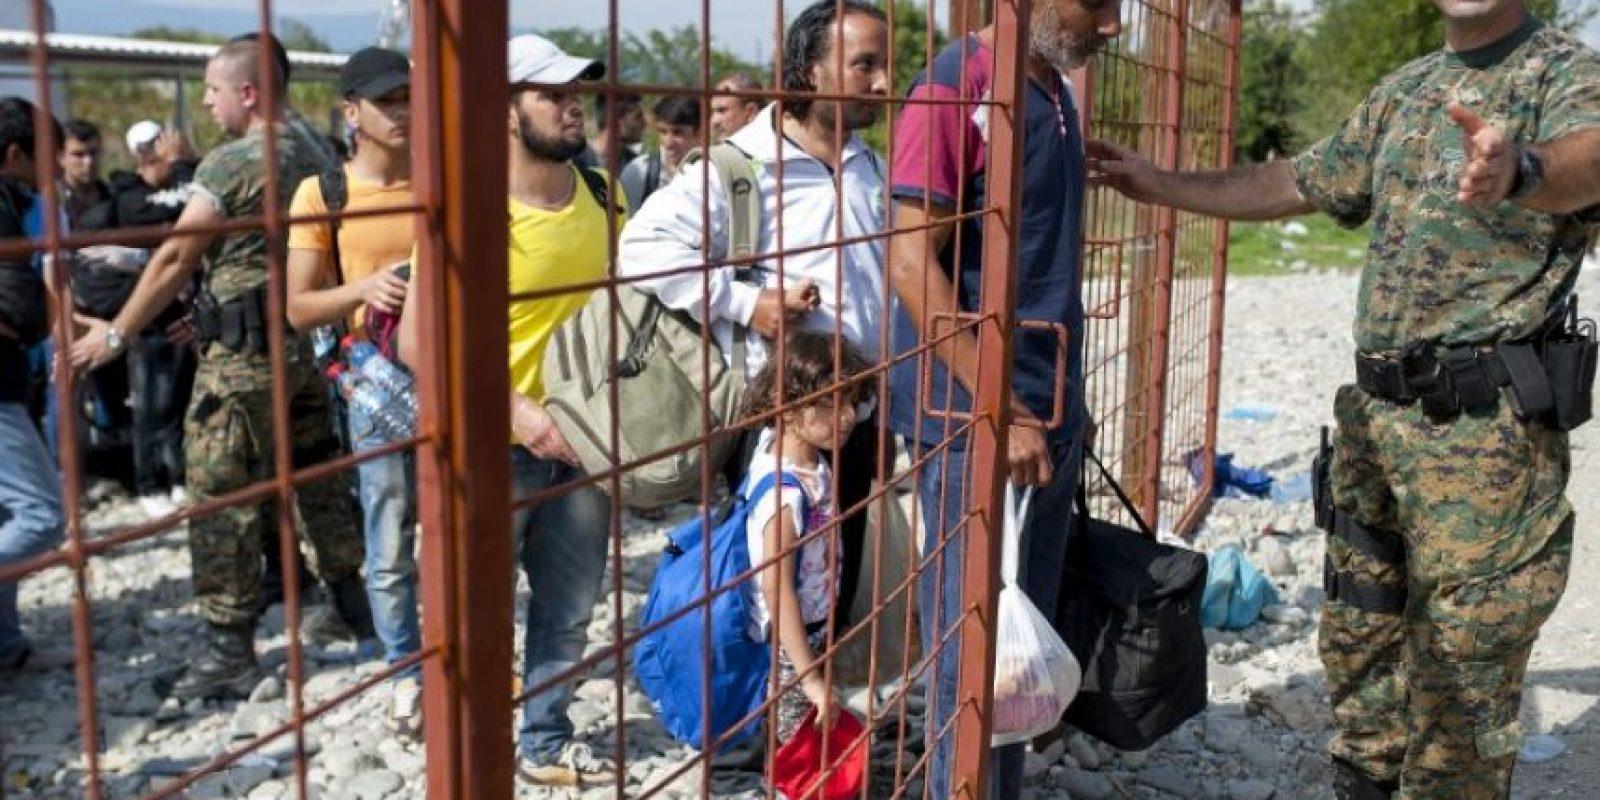 Durante 2015, miles de personas han cruzado la frontera, buscando una vida mejor en otro lugar Foto:AFP